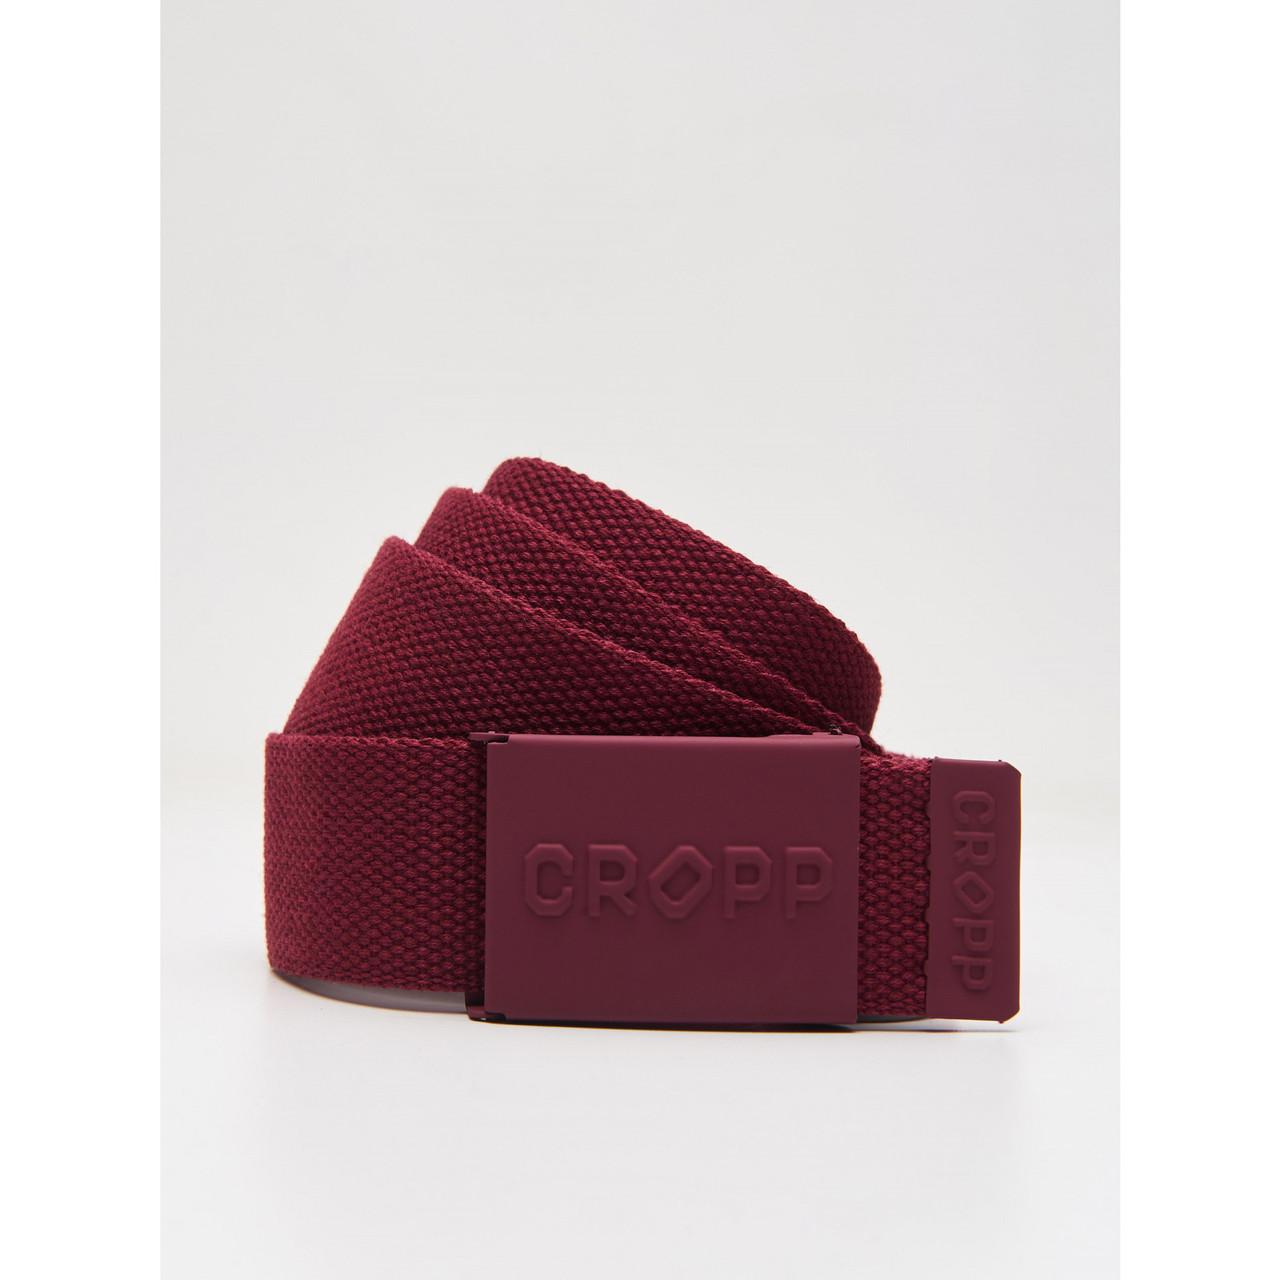 Ремень Cropp - Классический логотип и бордовый цвет (Ремінь \ Пояс)